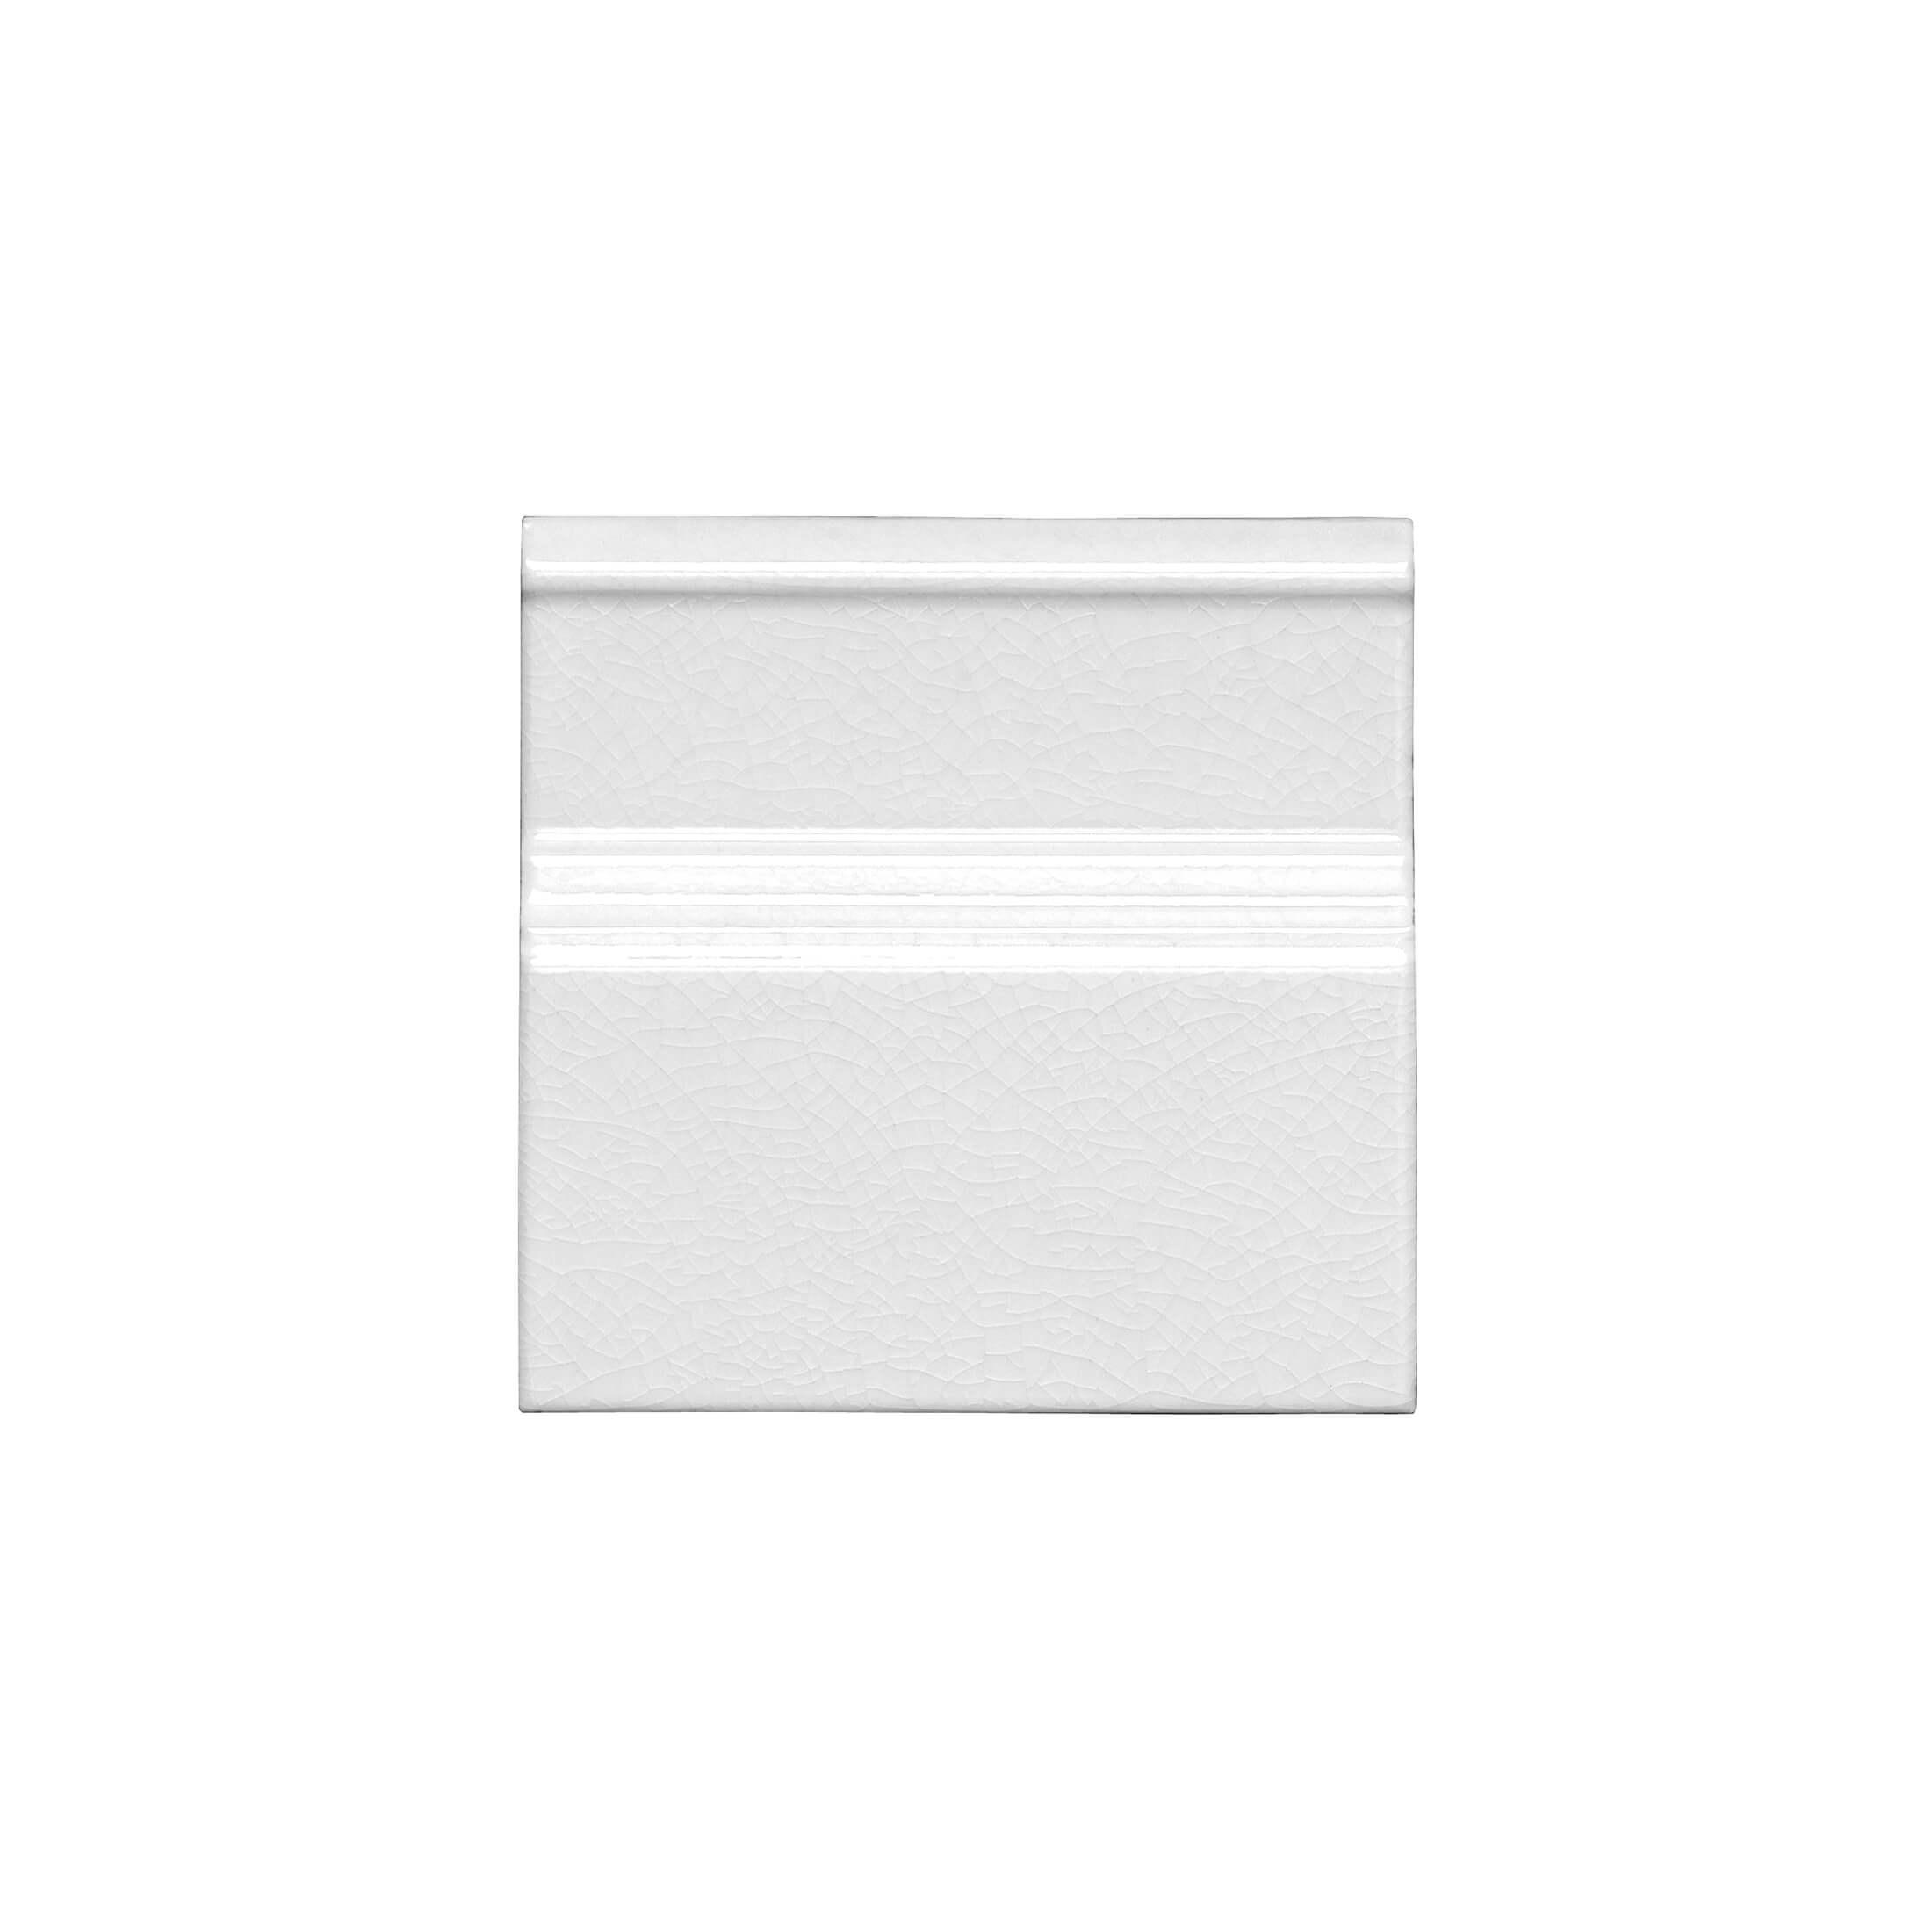 ADMO5202 - RODAPIE CLASICO C/C - 15 cm X 15 cm